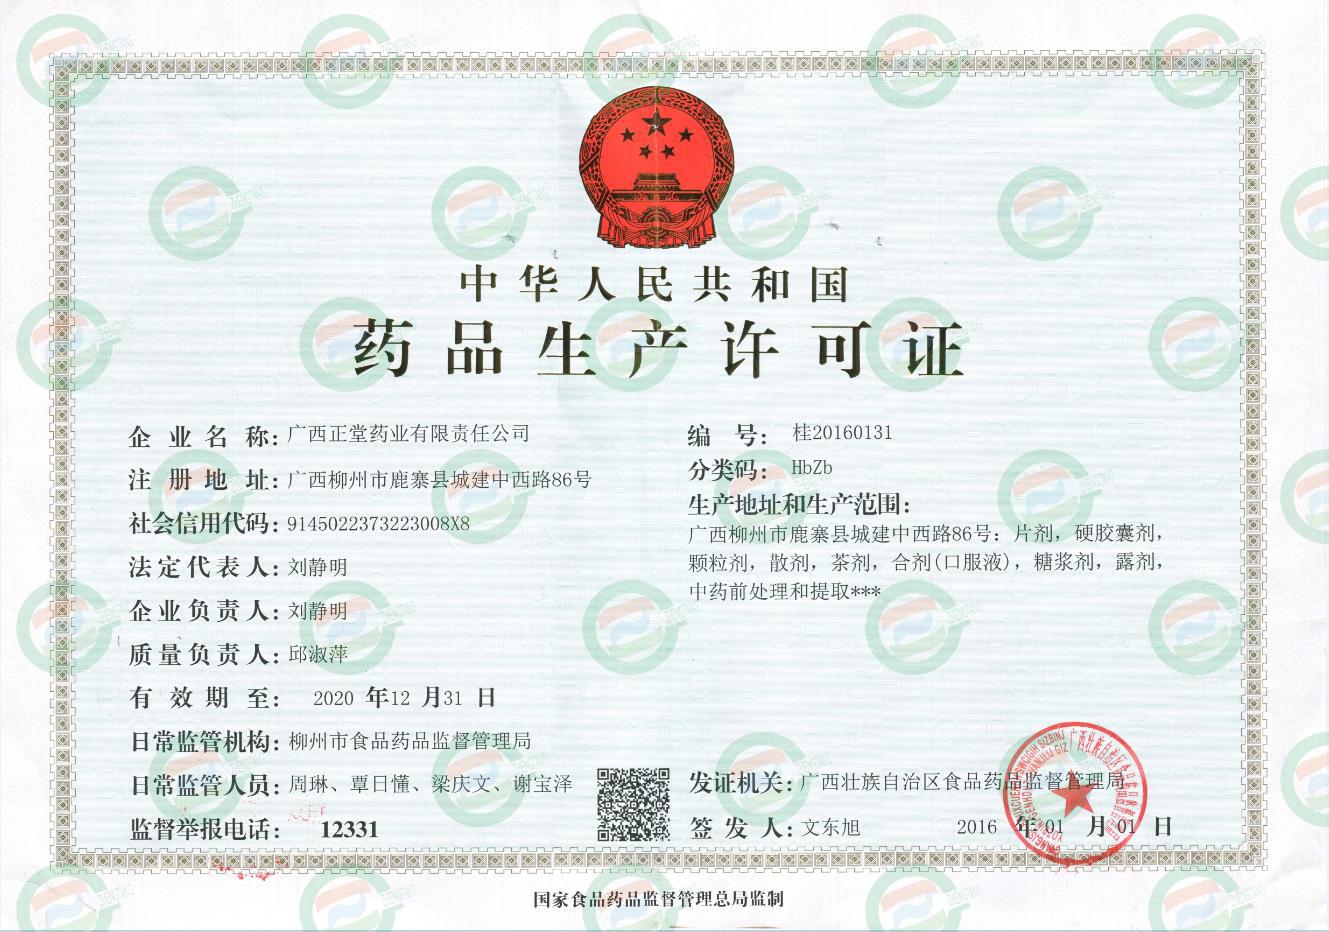 藥品生產許可證